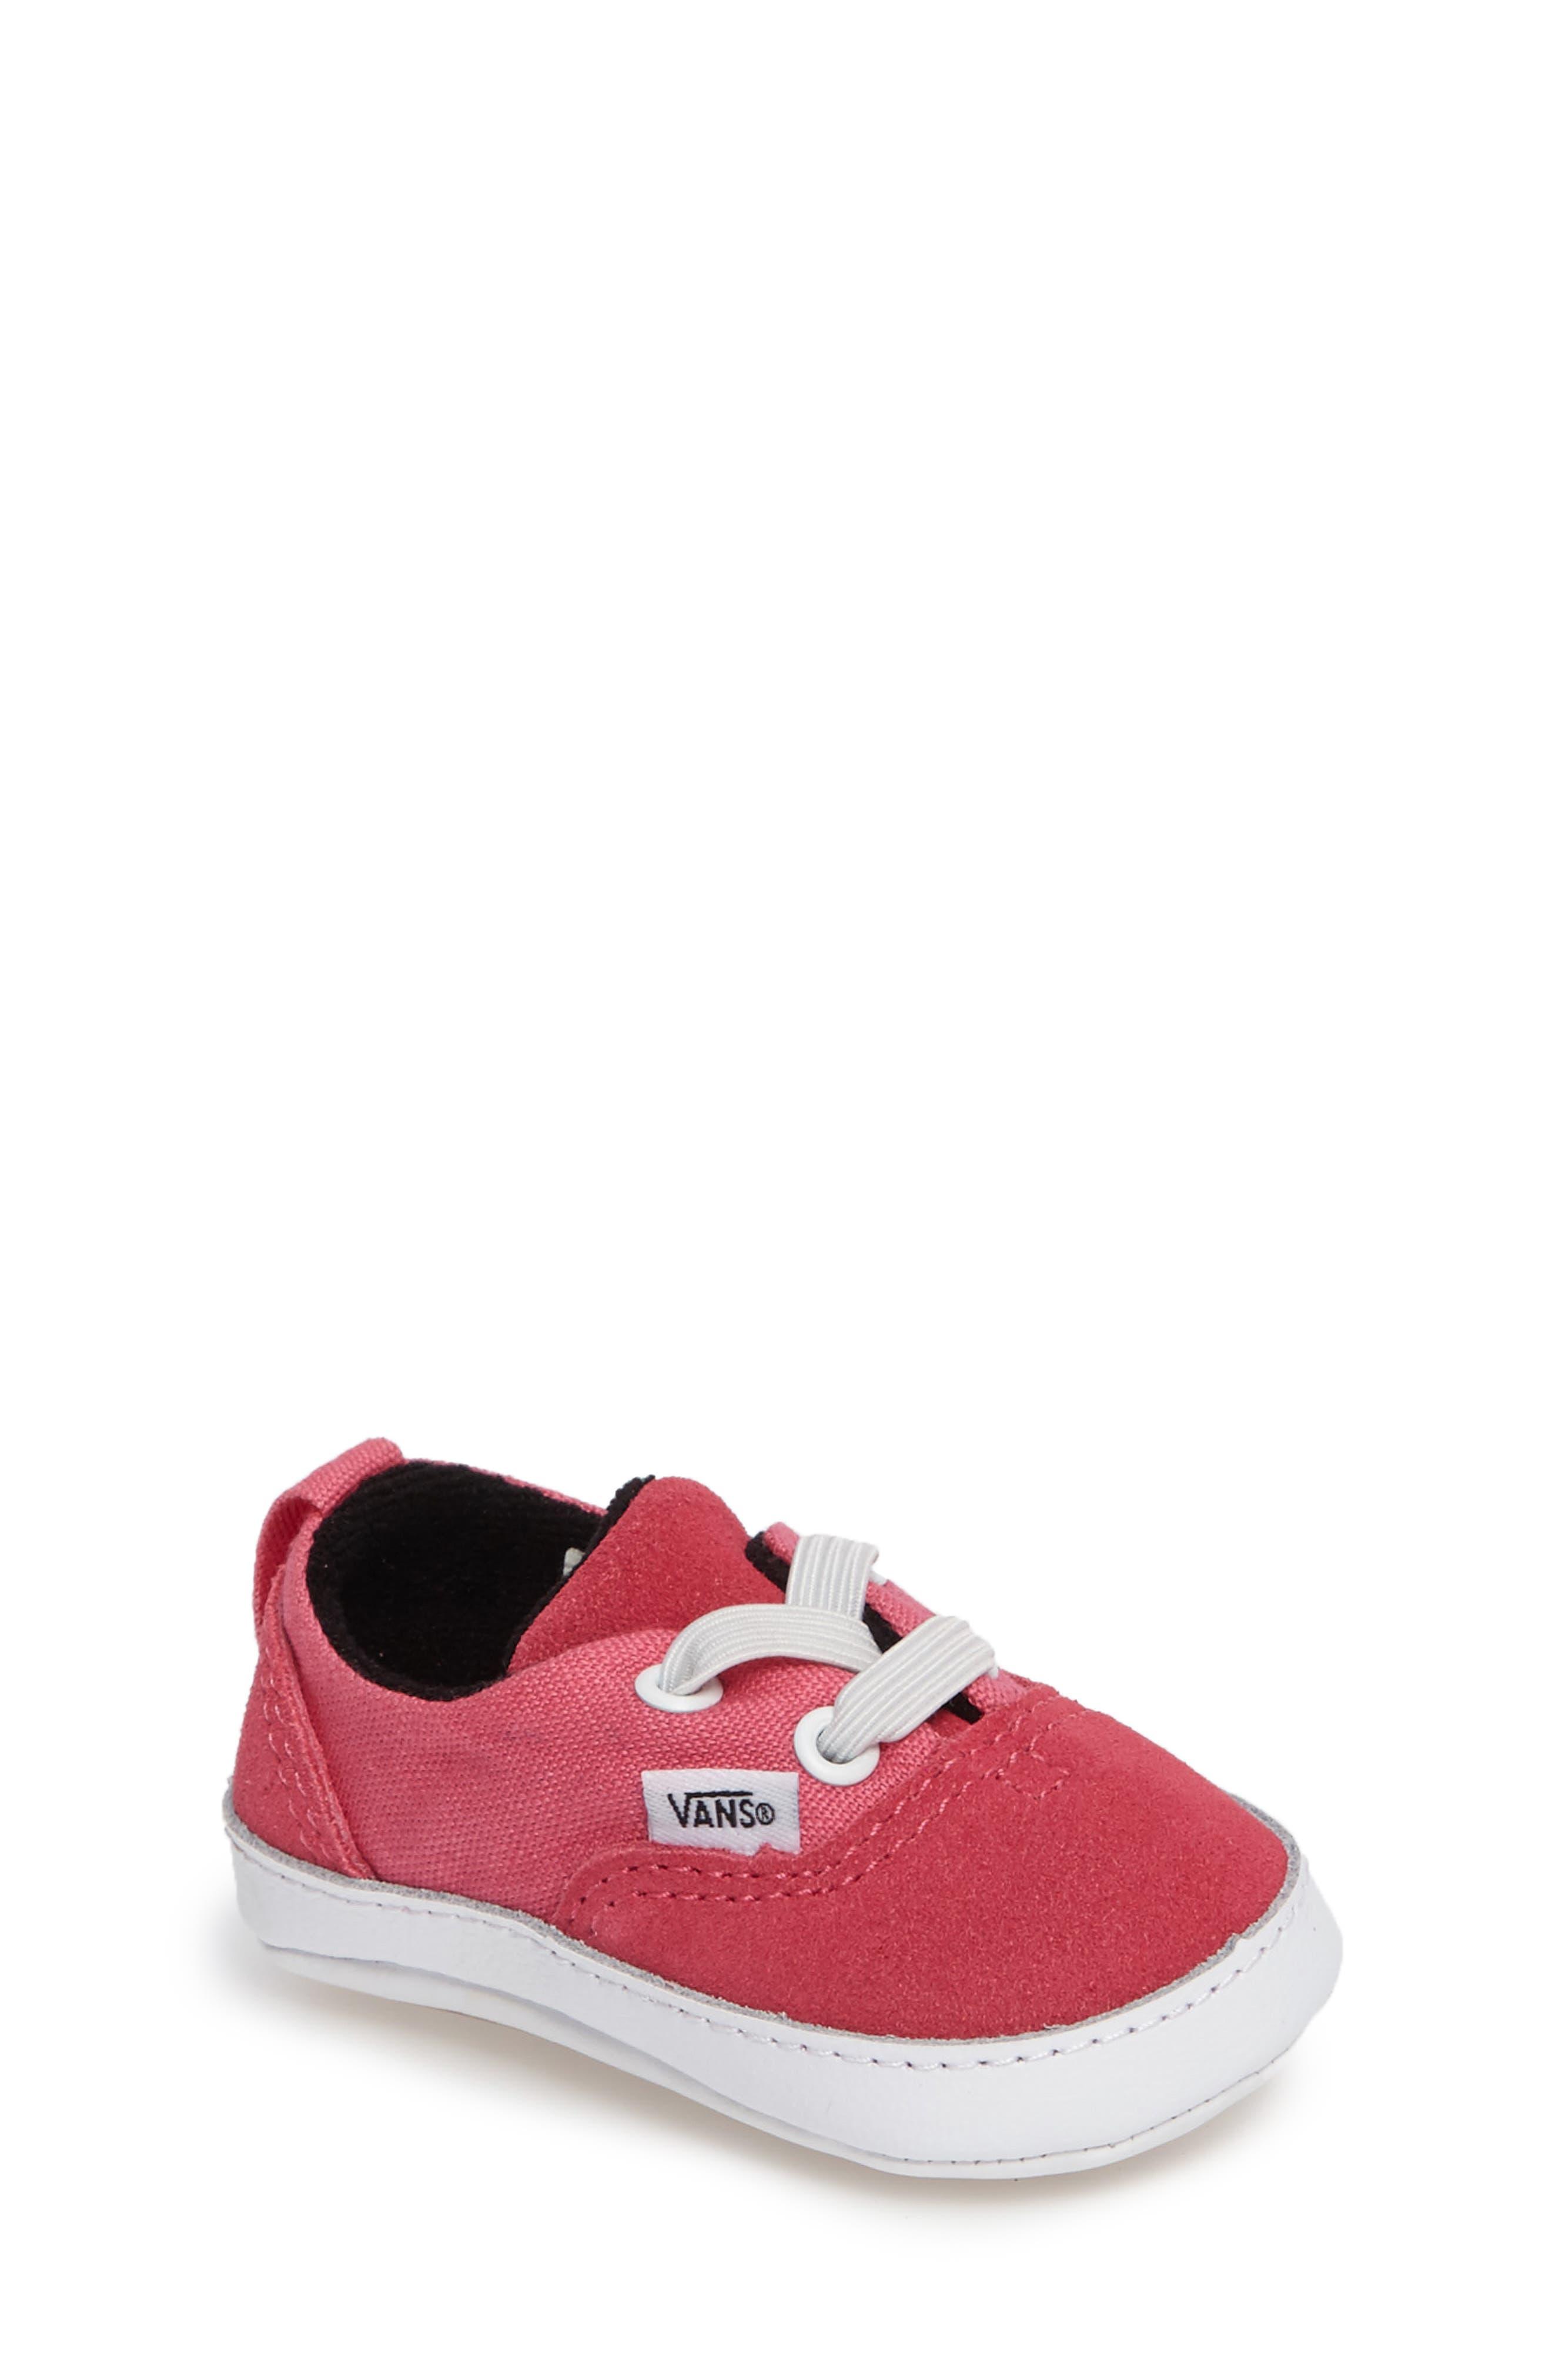 VANS Era Crib Sneaker